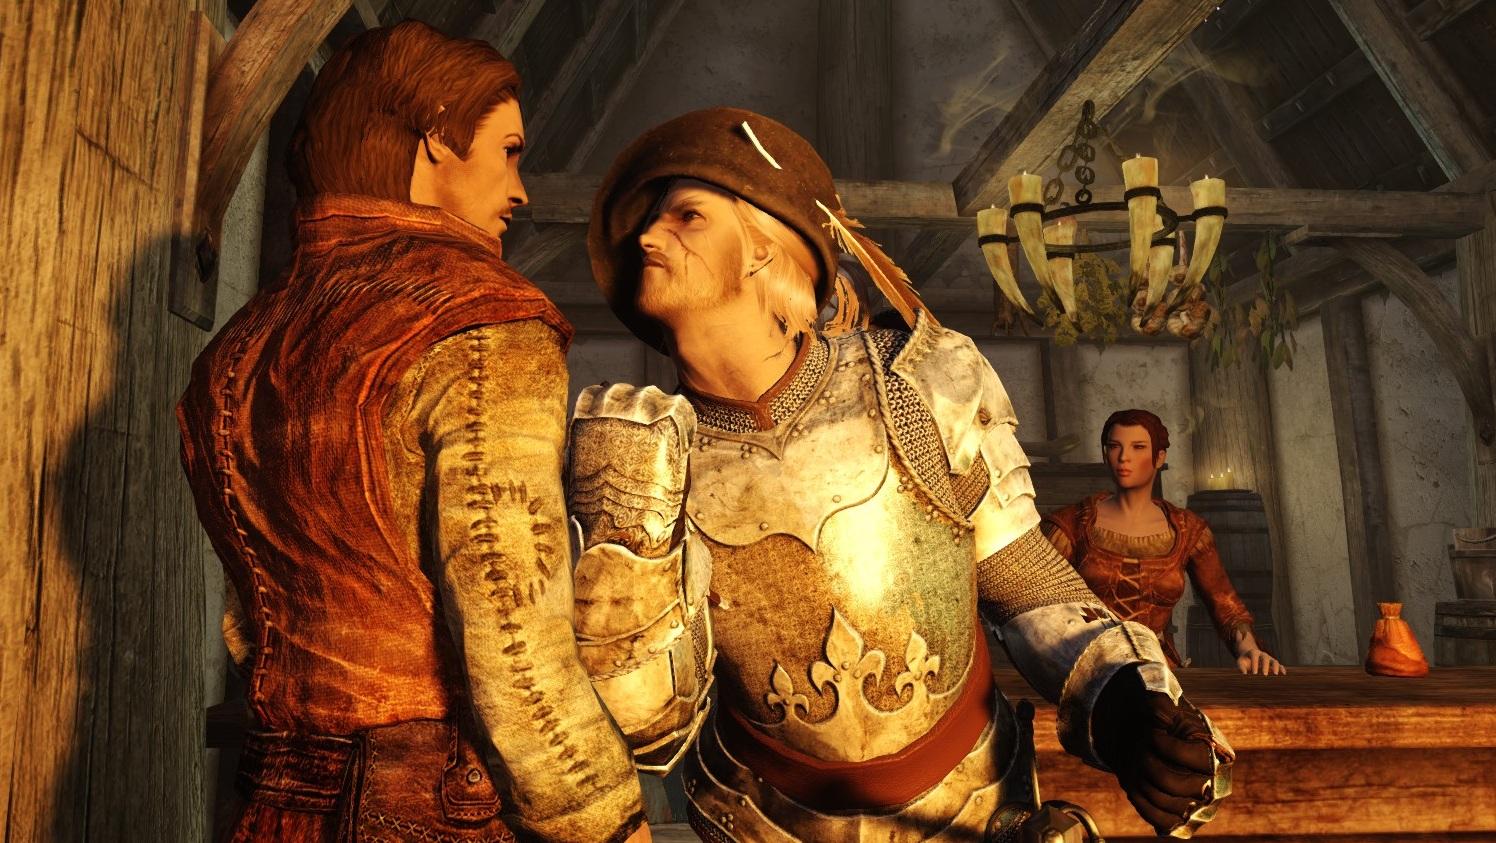 ...Запомни,сученок если ты хоть на арбалетный выстрел подойдешь к Карлотте...(Самые весомые аргументы) - Elder Scrolls 5: Skyrim, the Вассал Удачи